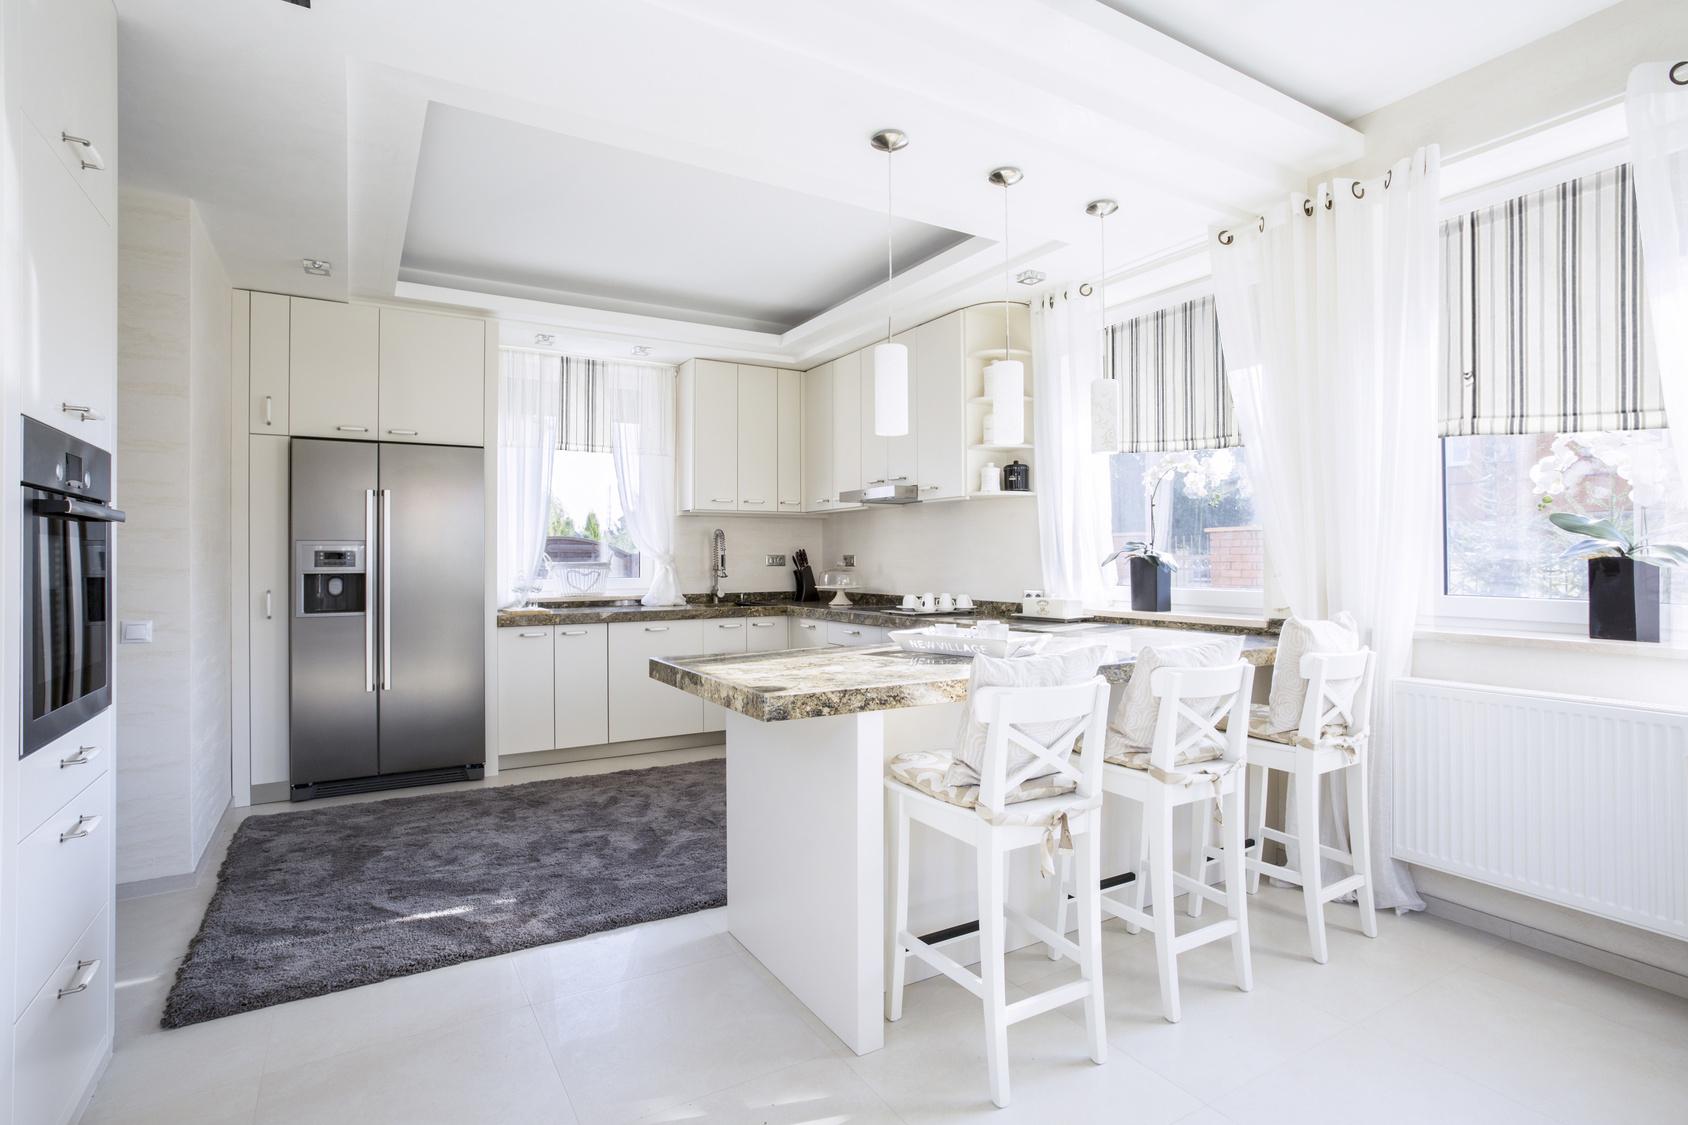 Aranżacja okna w nowoczesnej kuchni z roletą